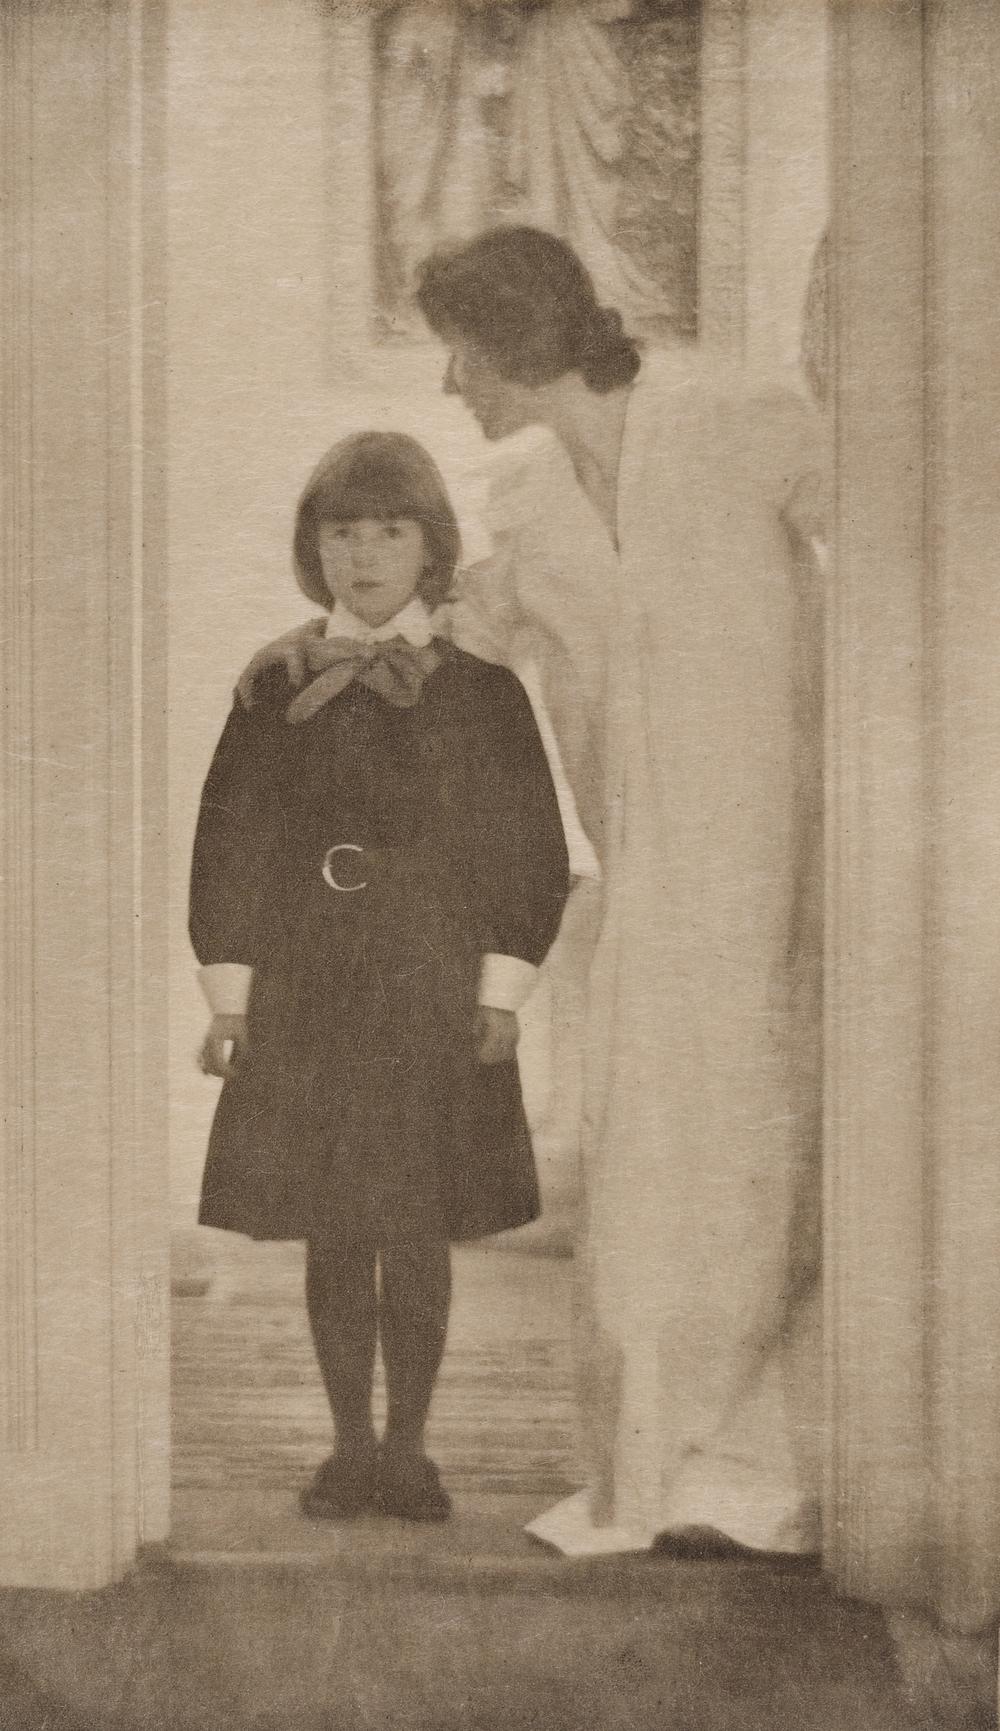 Gertrude Käsebier (1852-1934), Blessed Art Thou Among Women, ca. 1899, Heliogravüre aus Camera Work I, 1903, © Museum für Kunst und Gewerbe Hamburg